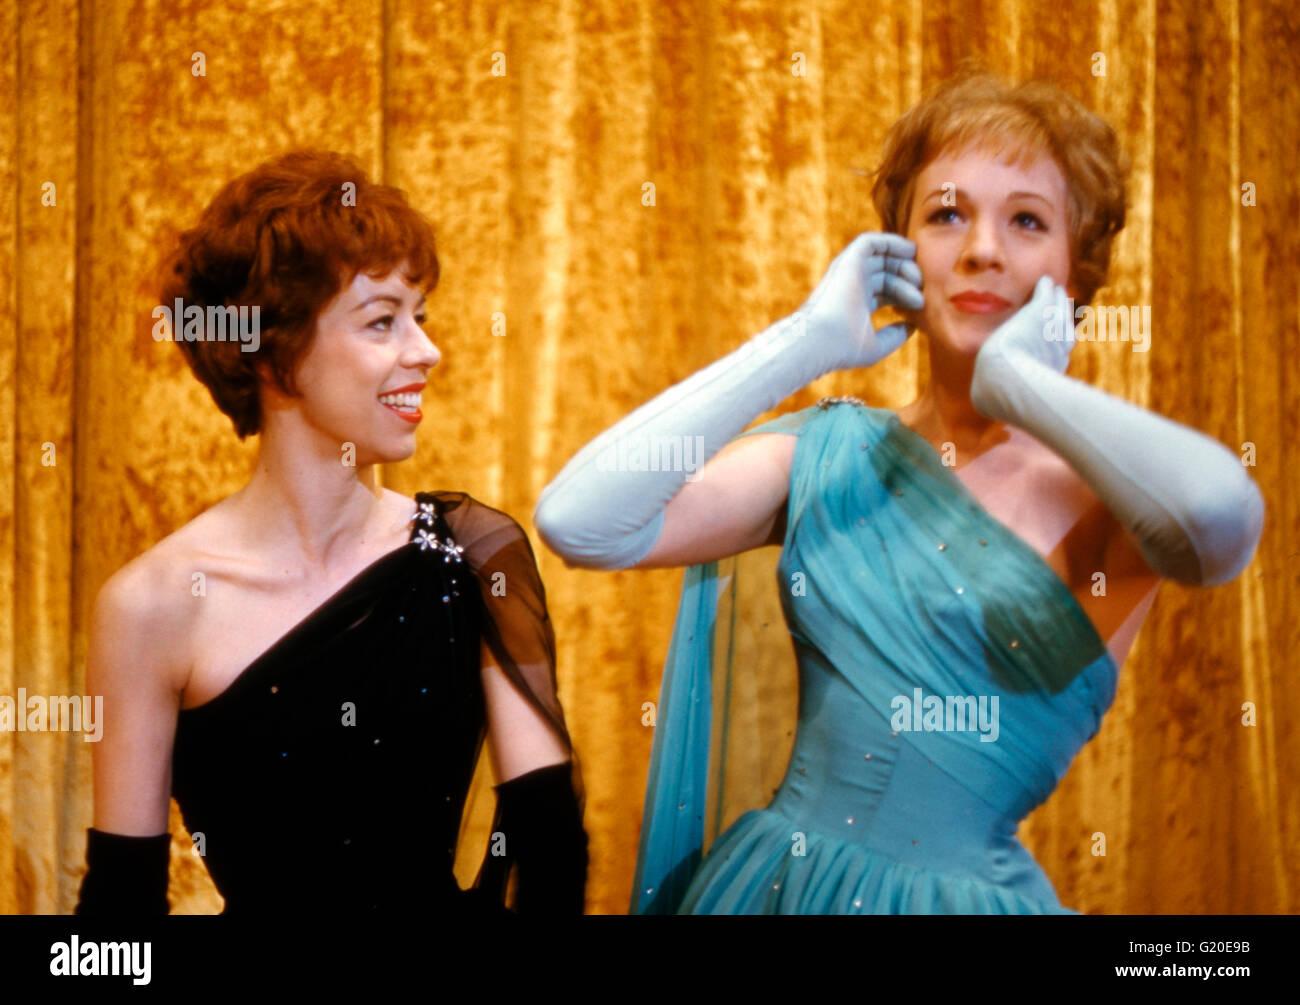 Julie Andrews and Carol Burnett - Stock Image